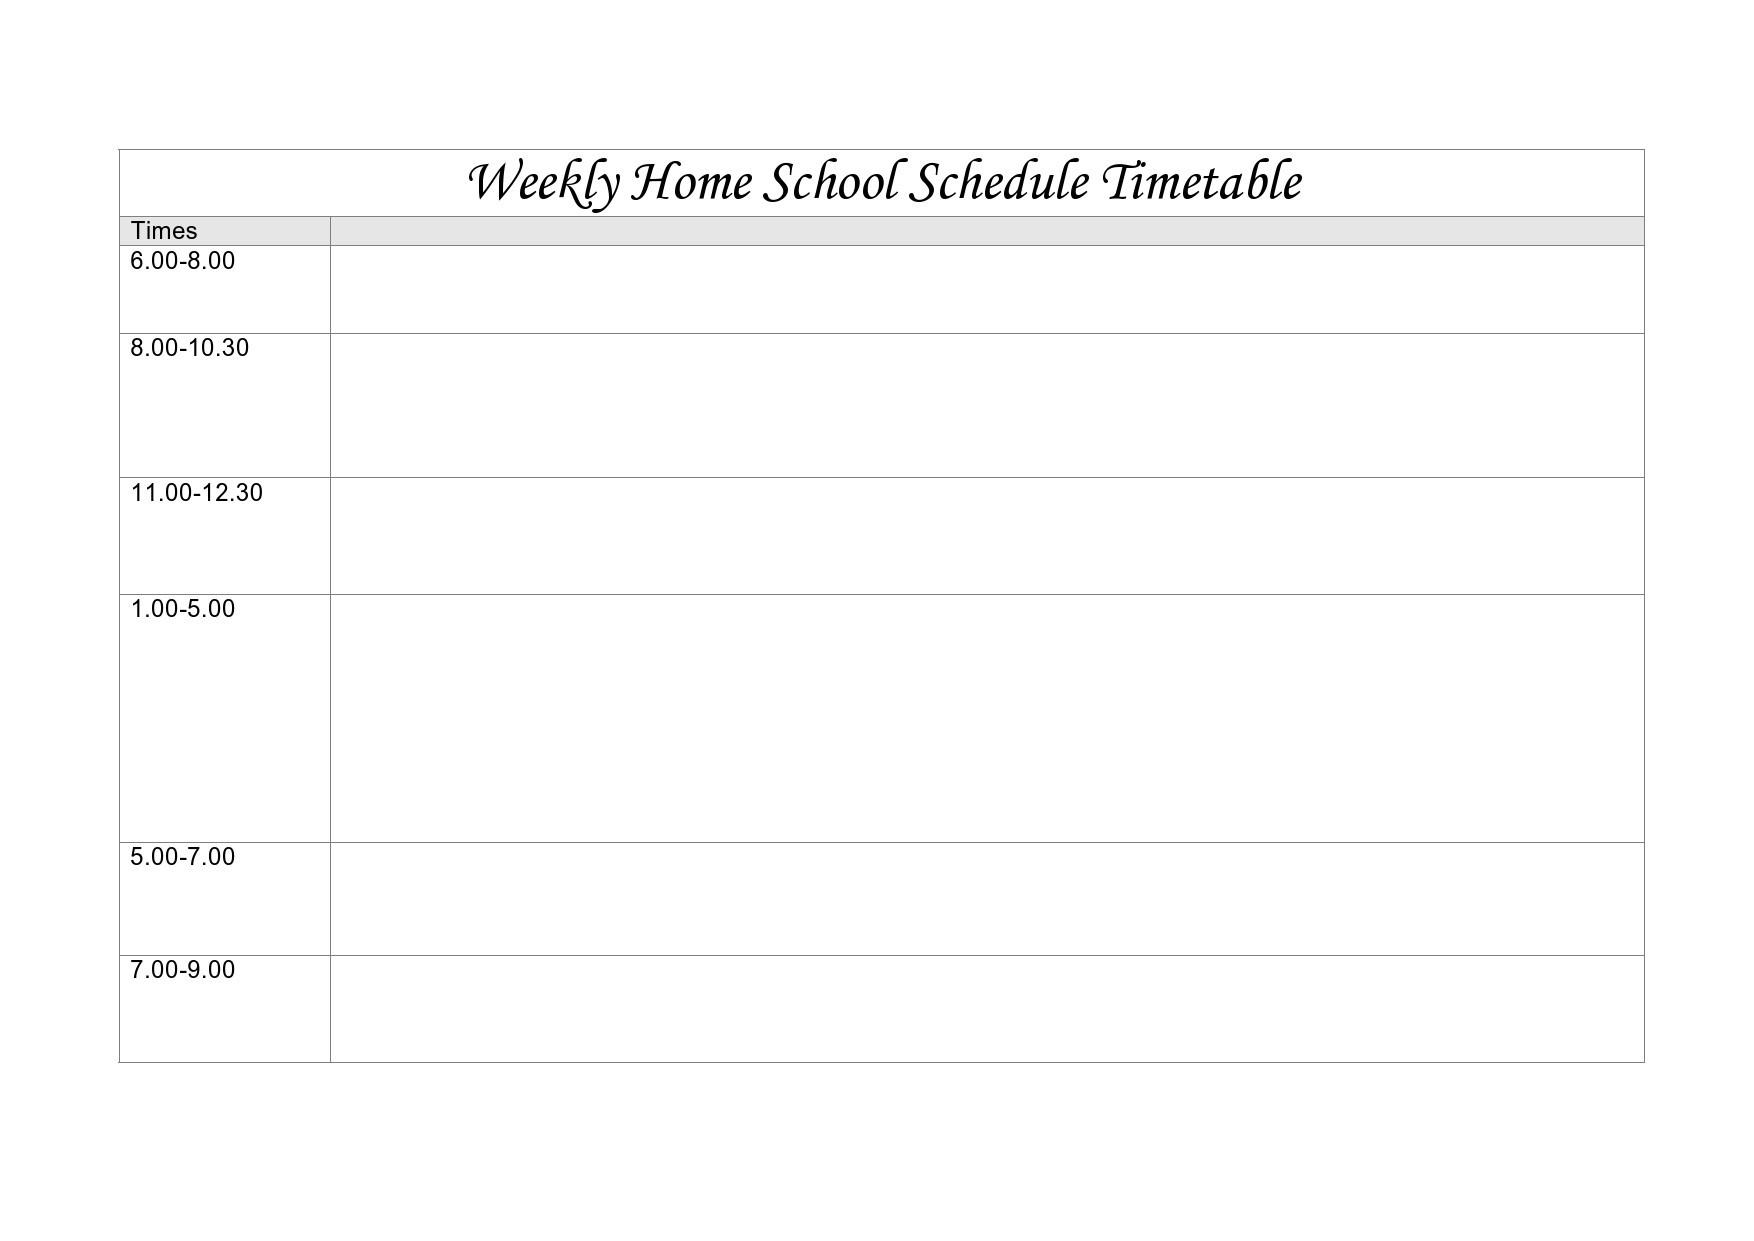 Free homeschool schedule template 20